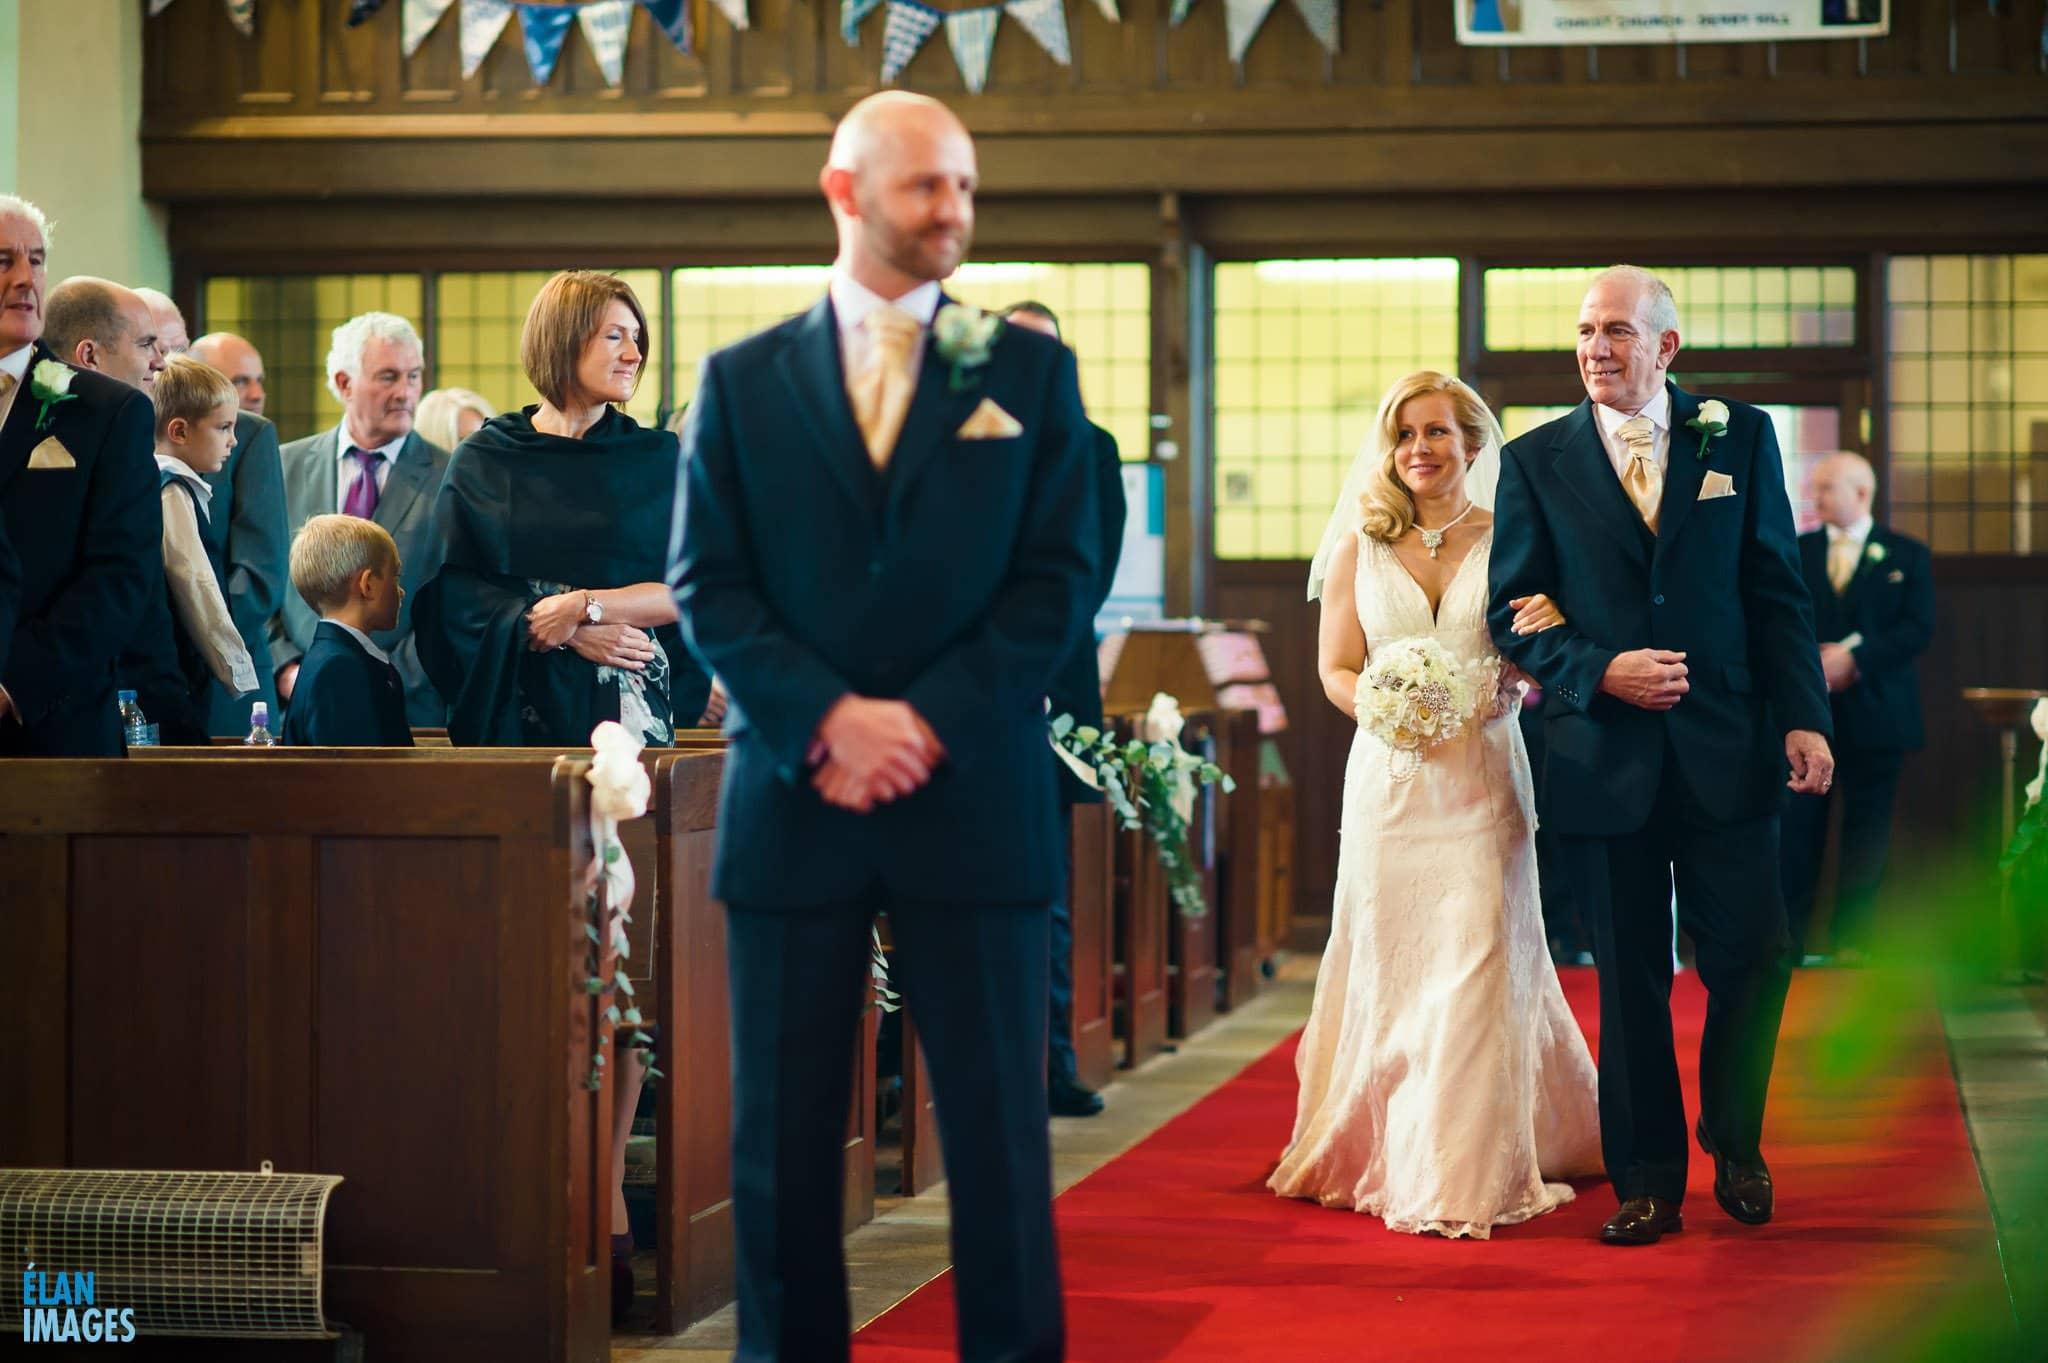 Leigh Park Hotel Wedding in Bradford on Avon 54